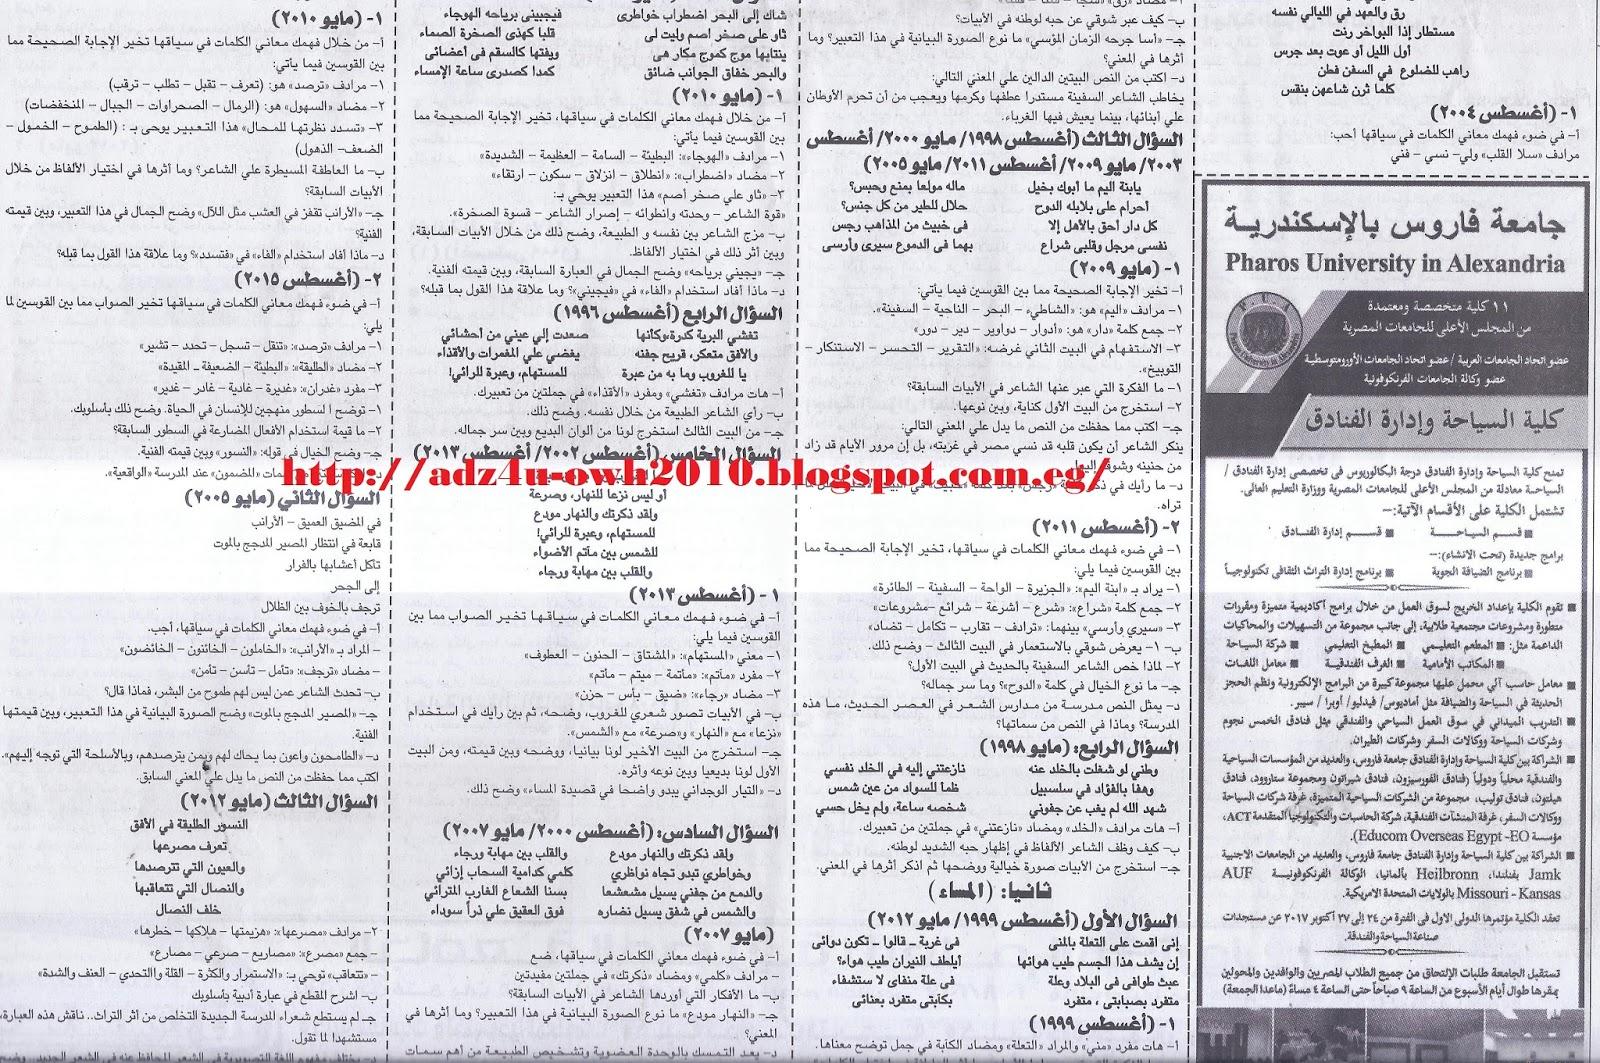 مراجعة وتوقعات ملحق الجمهورية الاخيرة في اللغة العربية للثانوية العامة 9